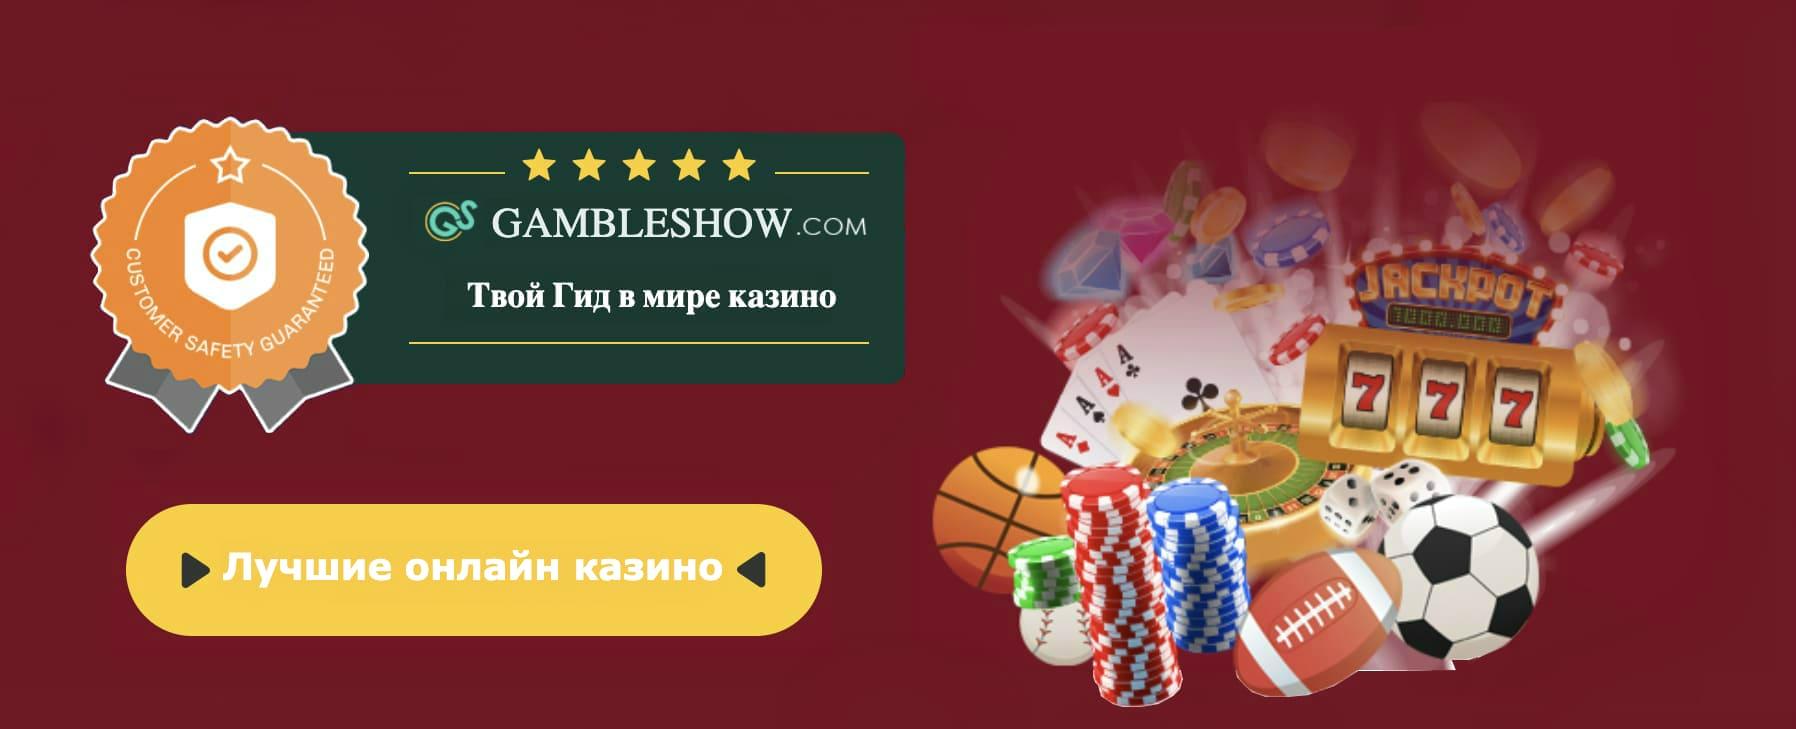 Веб камеры онлайн казино online casino games with free bonus